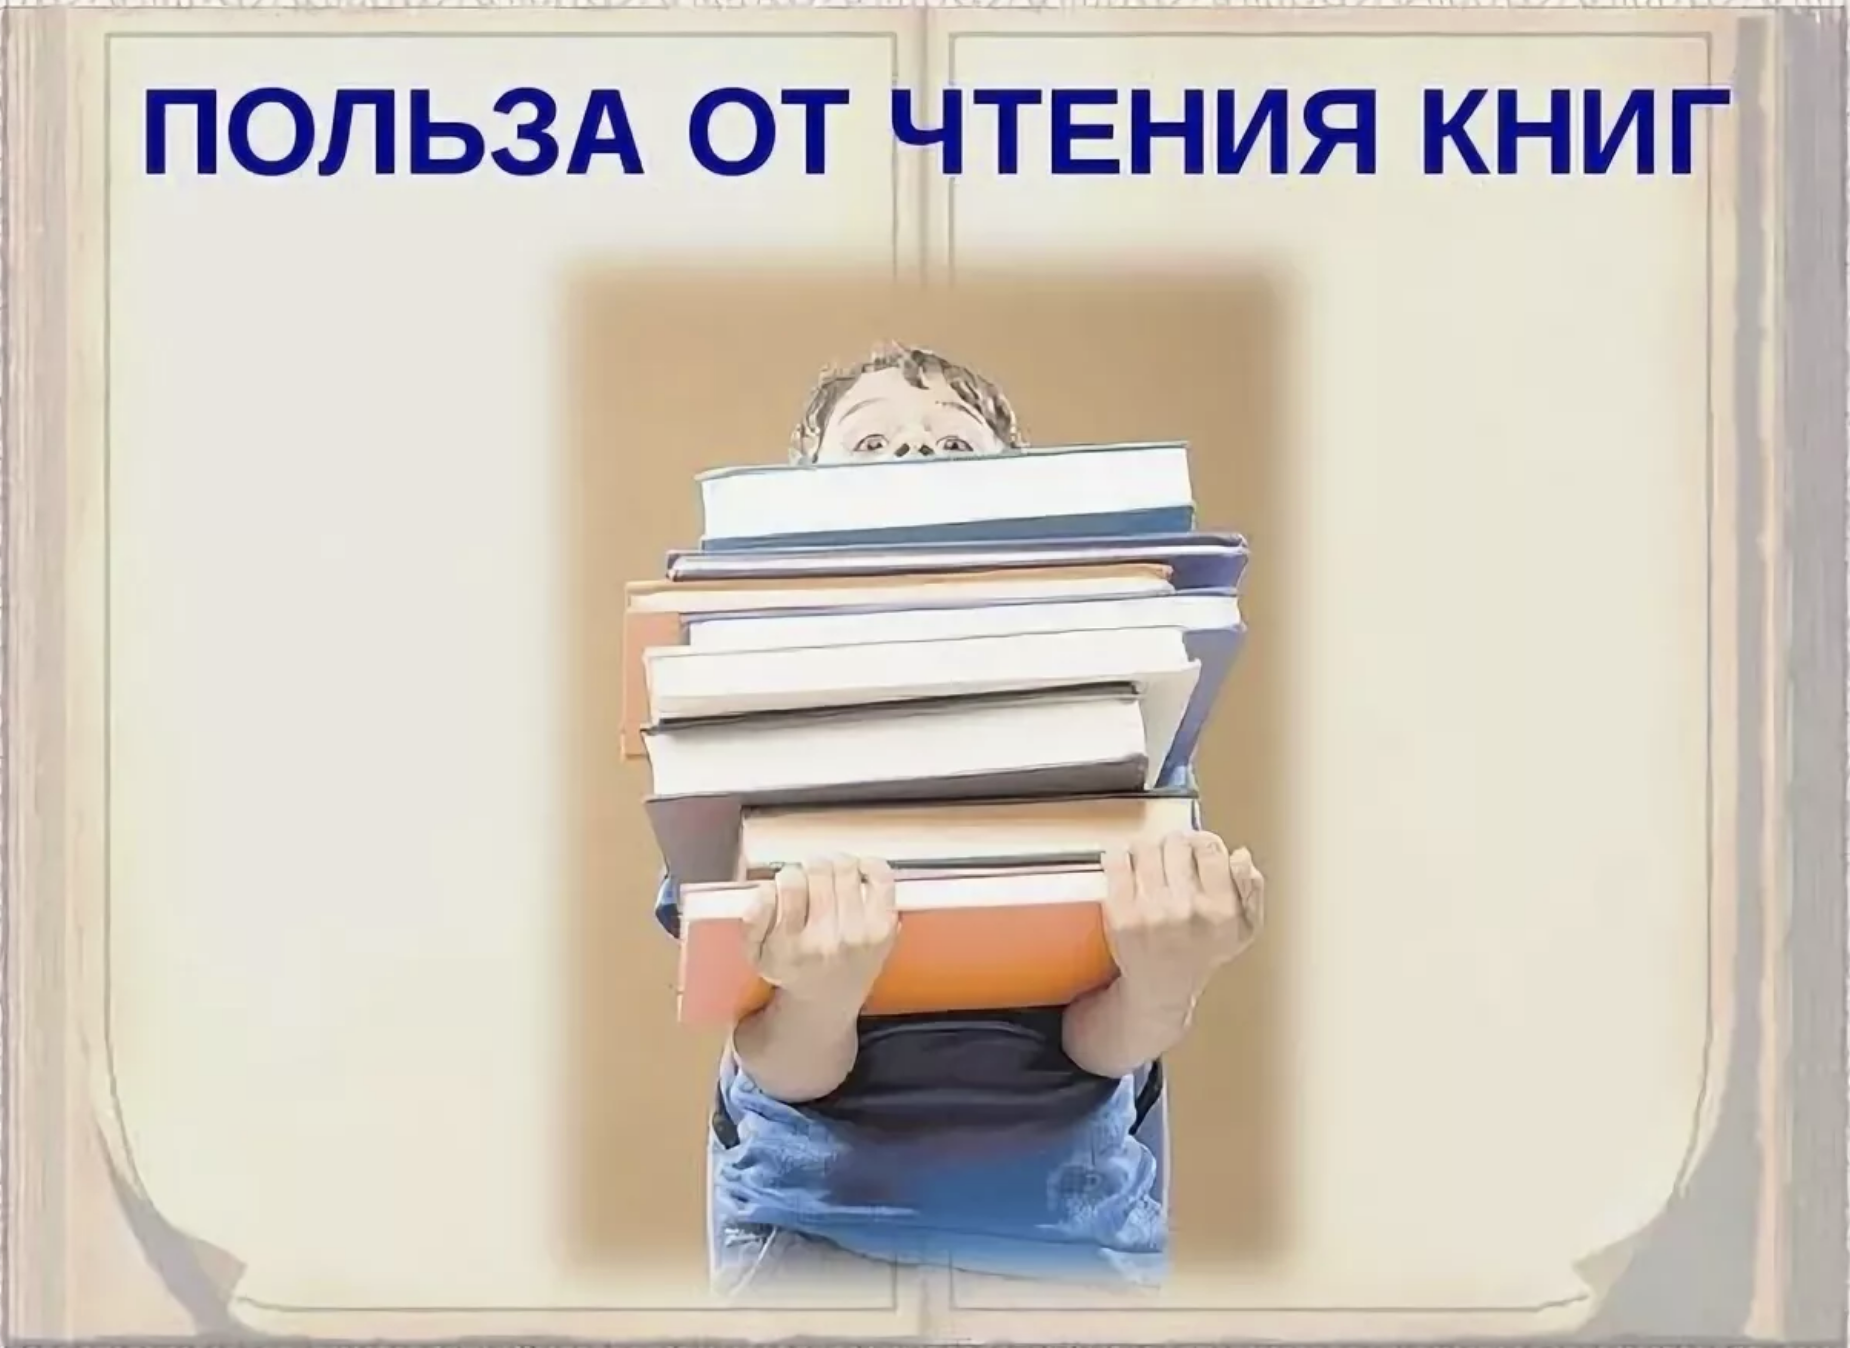 Картинки о пользе чтения книг, картинки